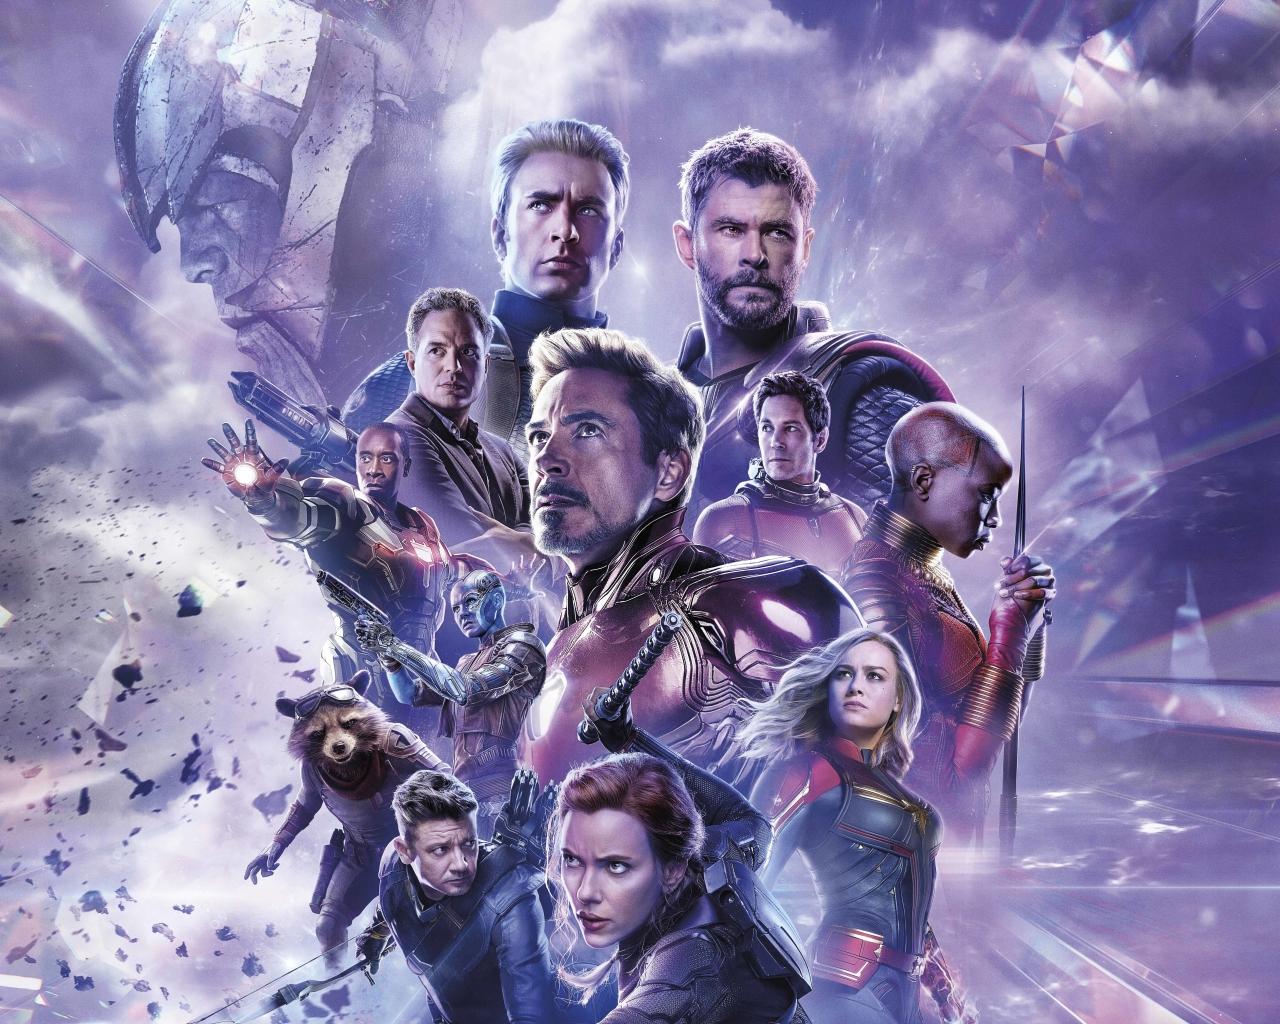 1280x1024 Avengers Endgame 8K Russian Poster 1280x1024 ...